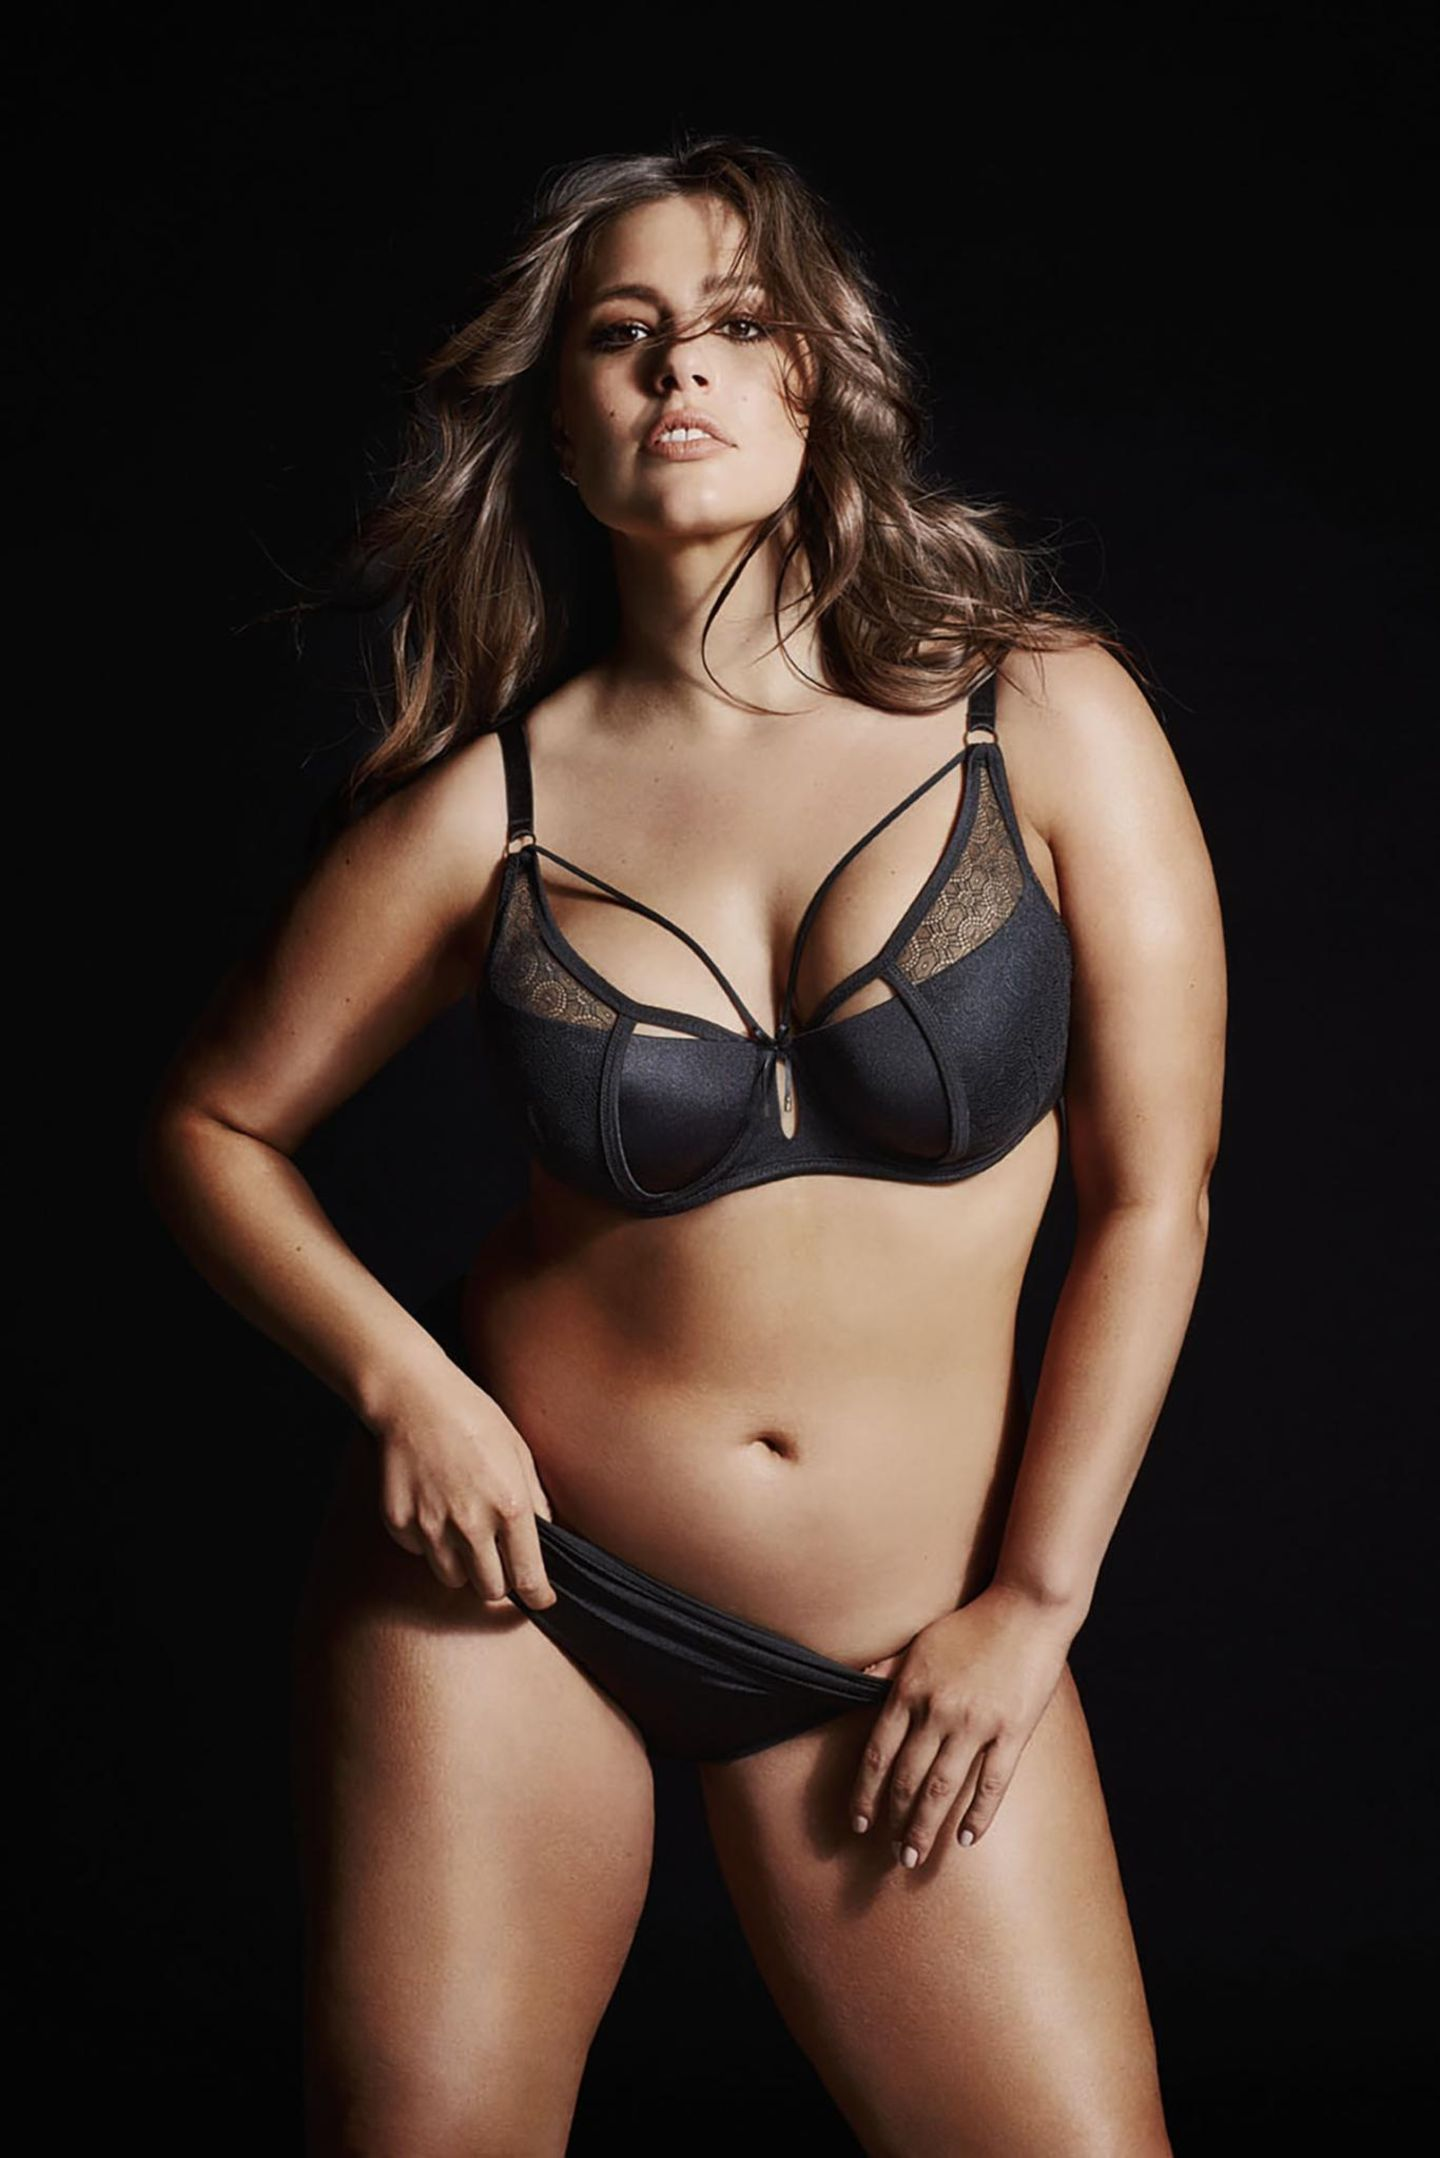 Supersizie-Model Ashley Graham